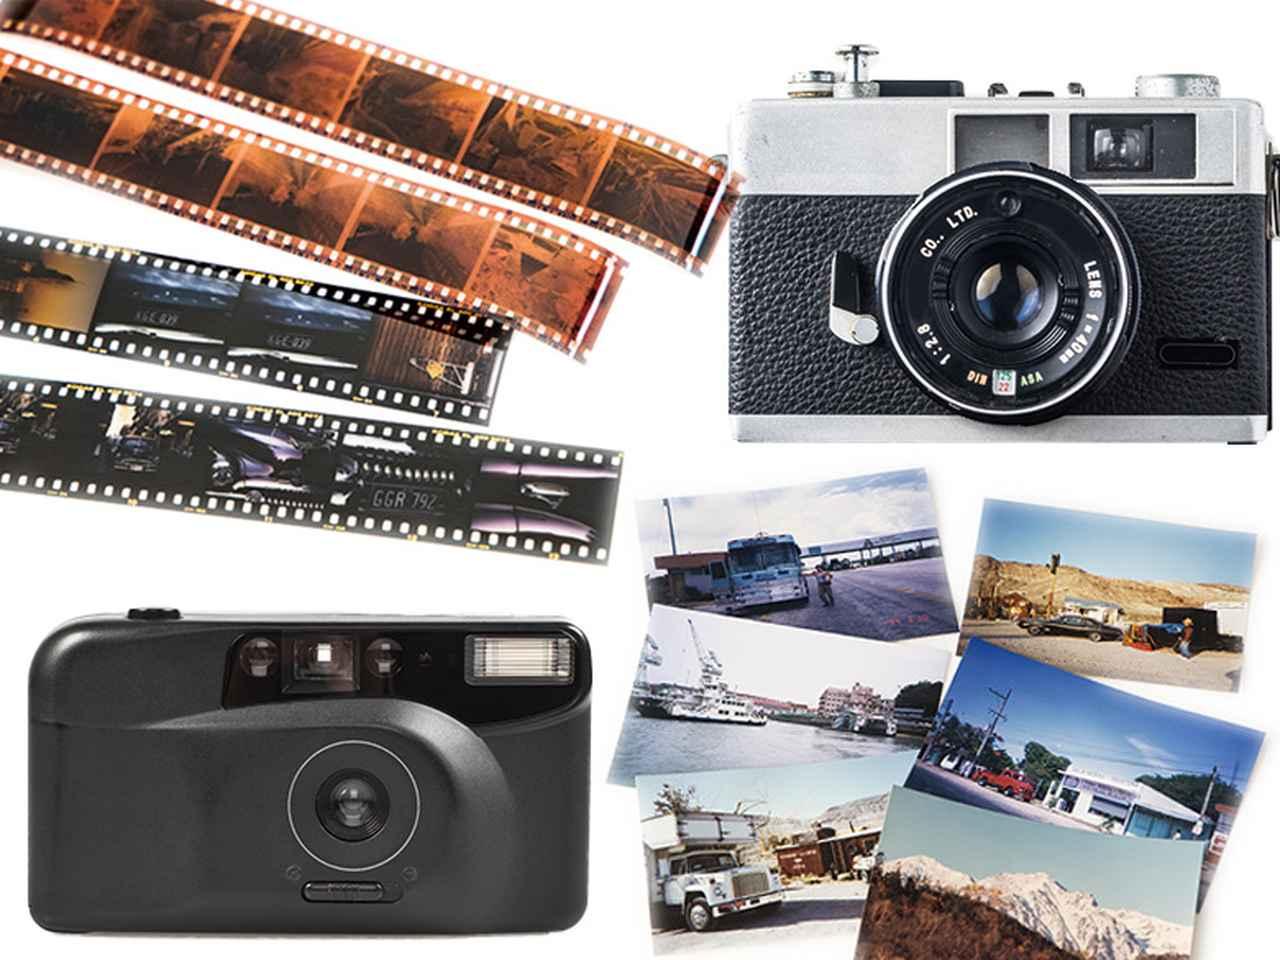 【劣化を防ぐ】ネガフィルムやプリント写真のデジタル化に必要なものは?